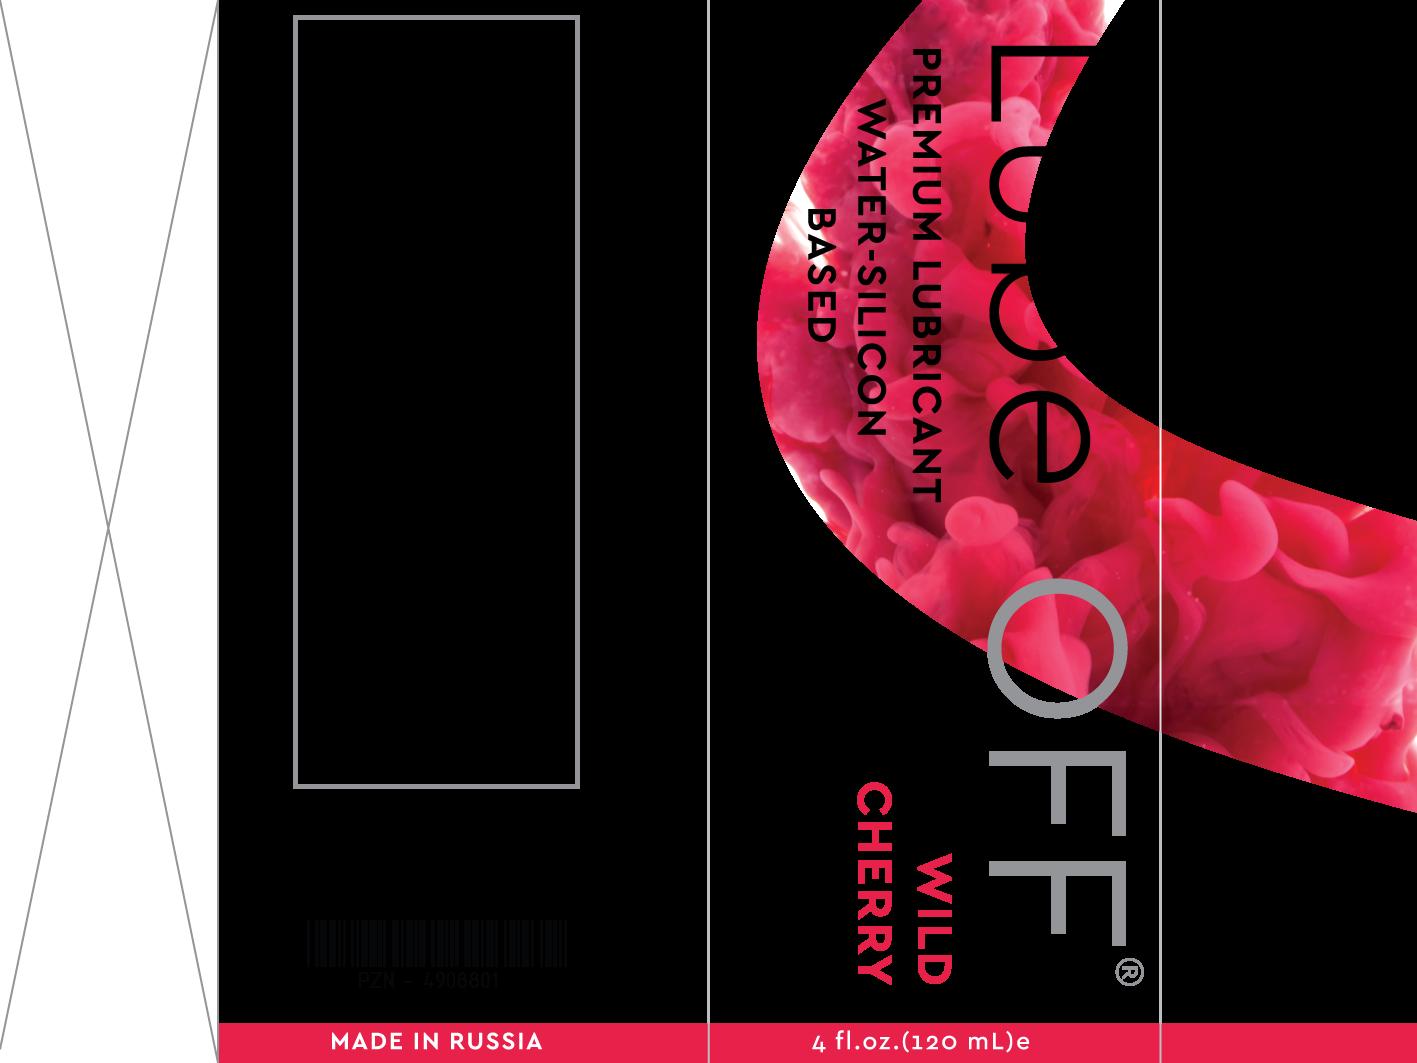 Разработка этикетки интимного геля смазки + брендбук. фото f_88358611a4d9c0d1.png